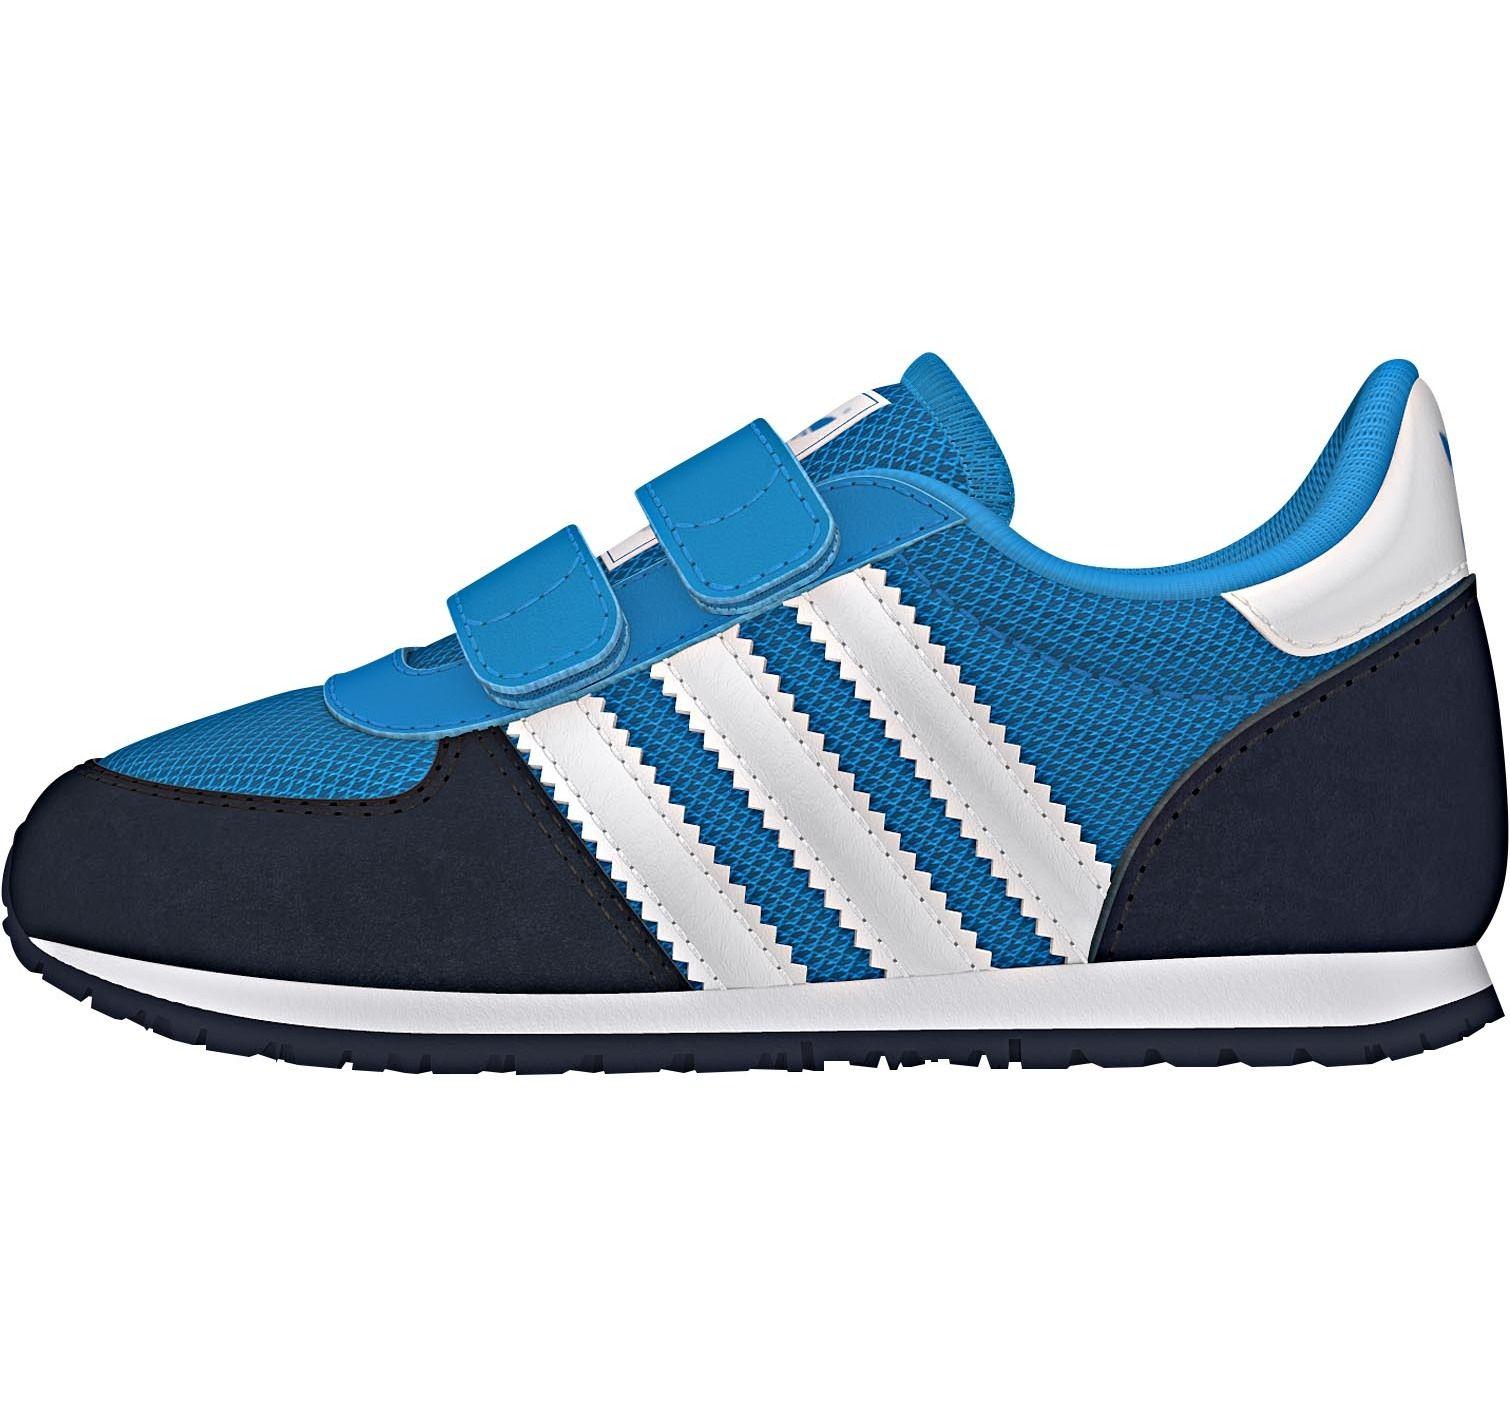 Adistar Racer Cf I, Solblu/Ftwwht/Ftwwht, 23,  Adidas